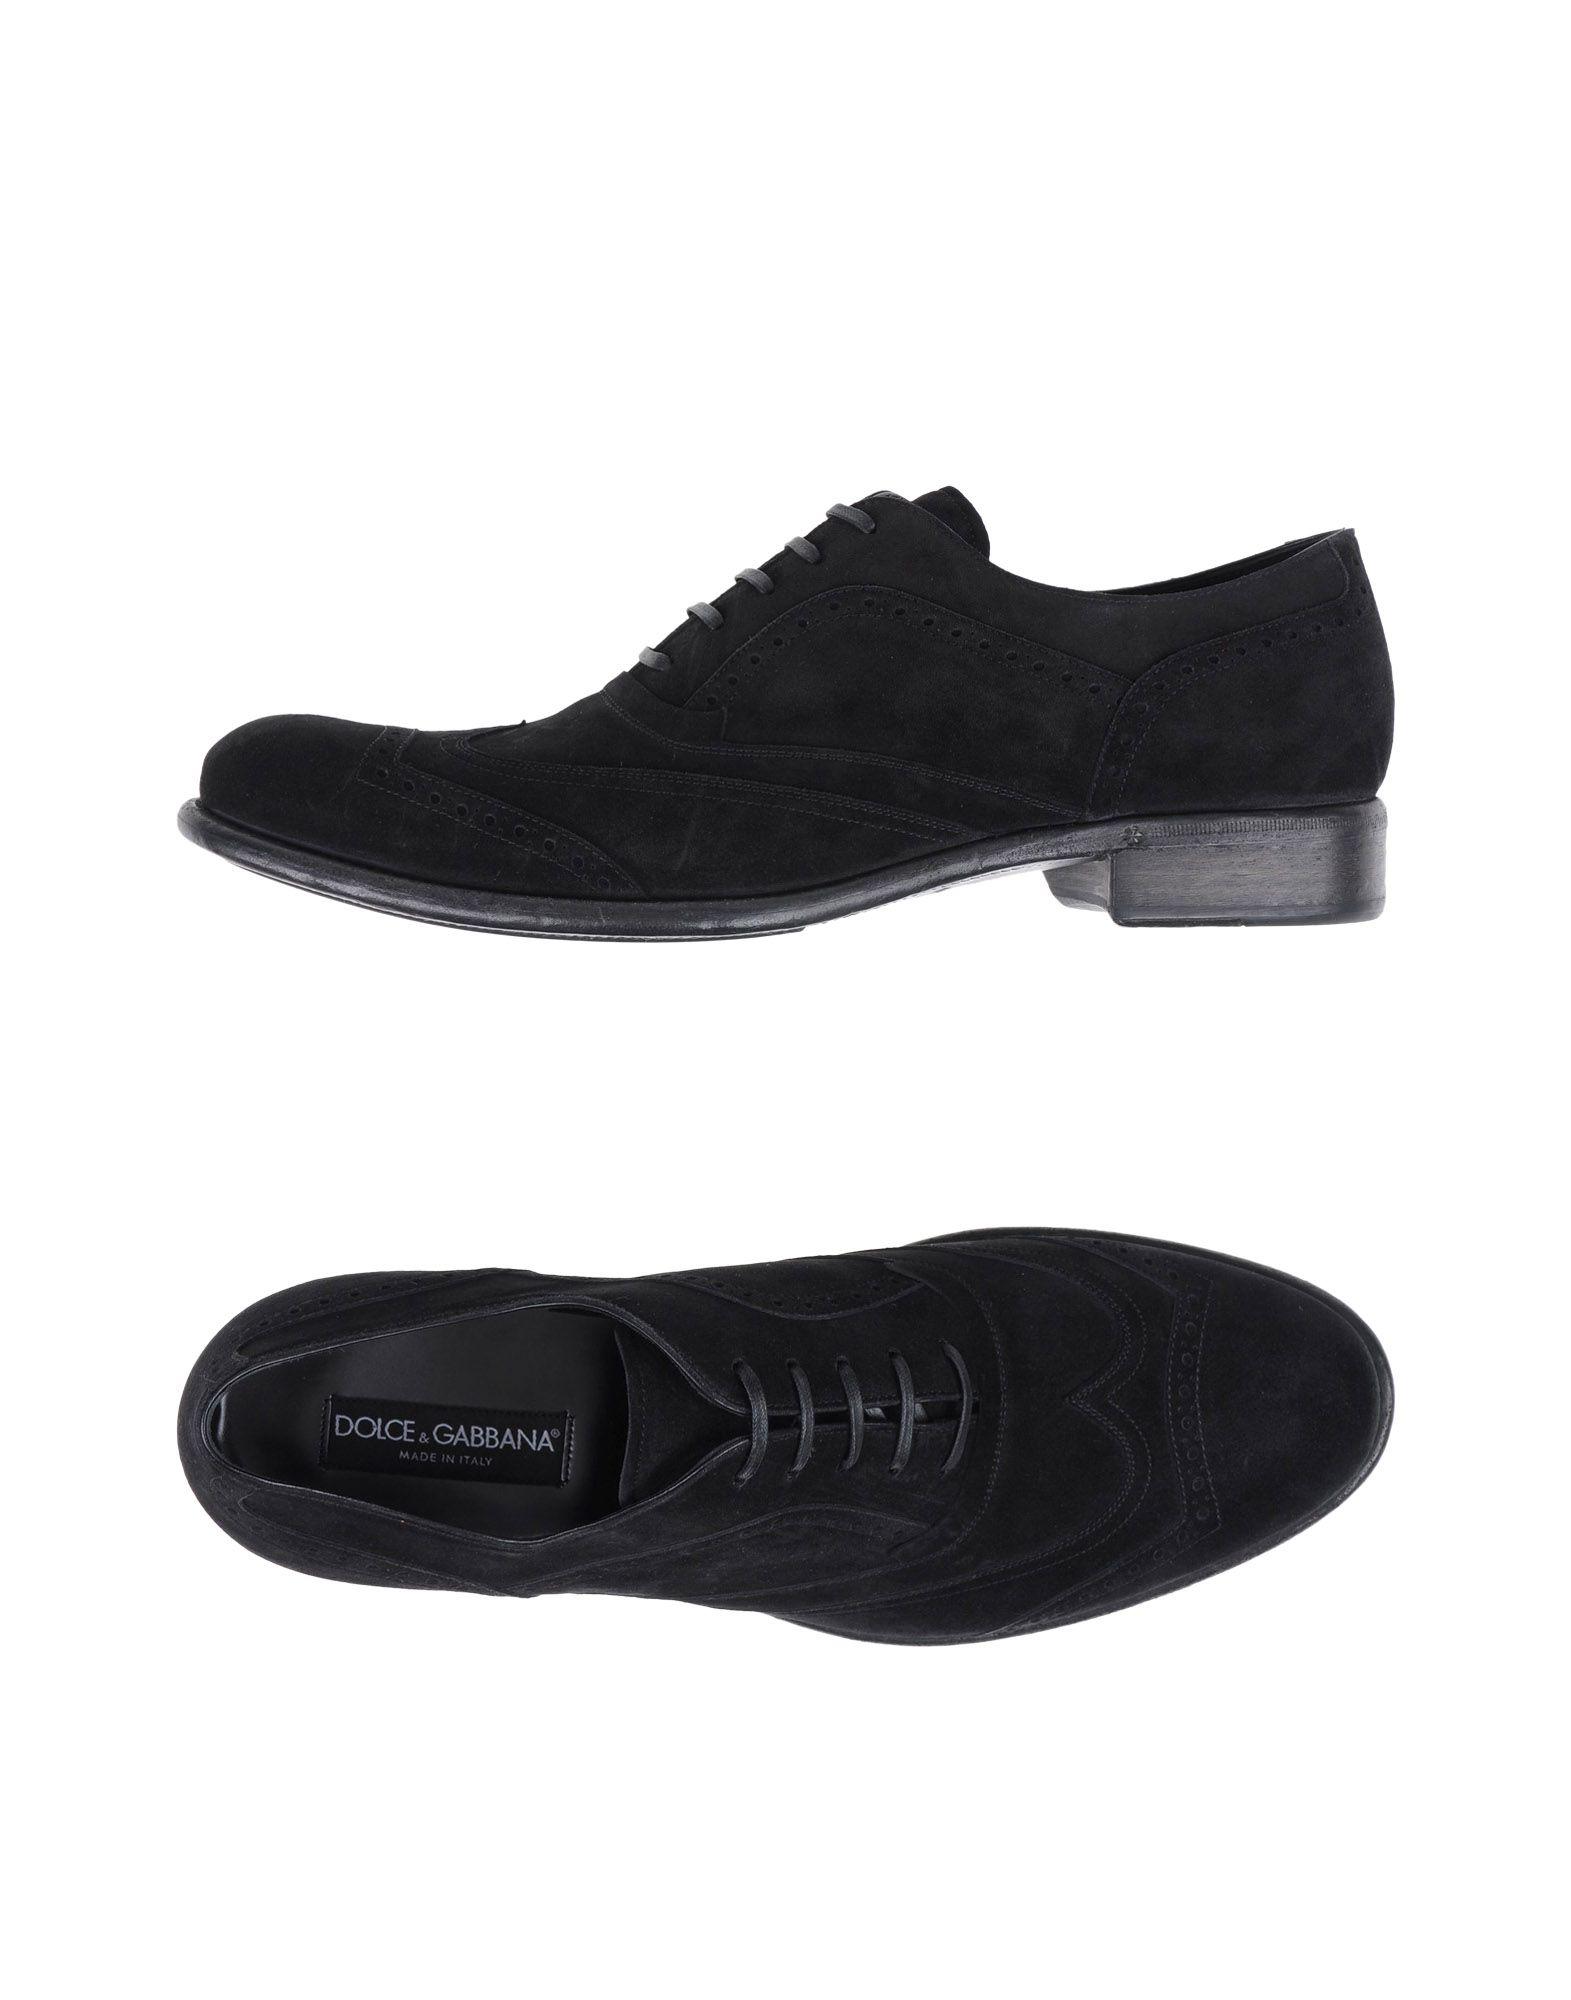 Dolce & Gabbana Schnürschuhe Herren  11049528LX Gute Qualität beliebte Schuhe